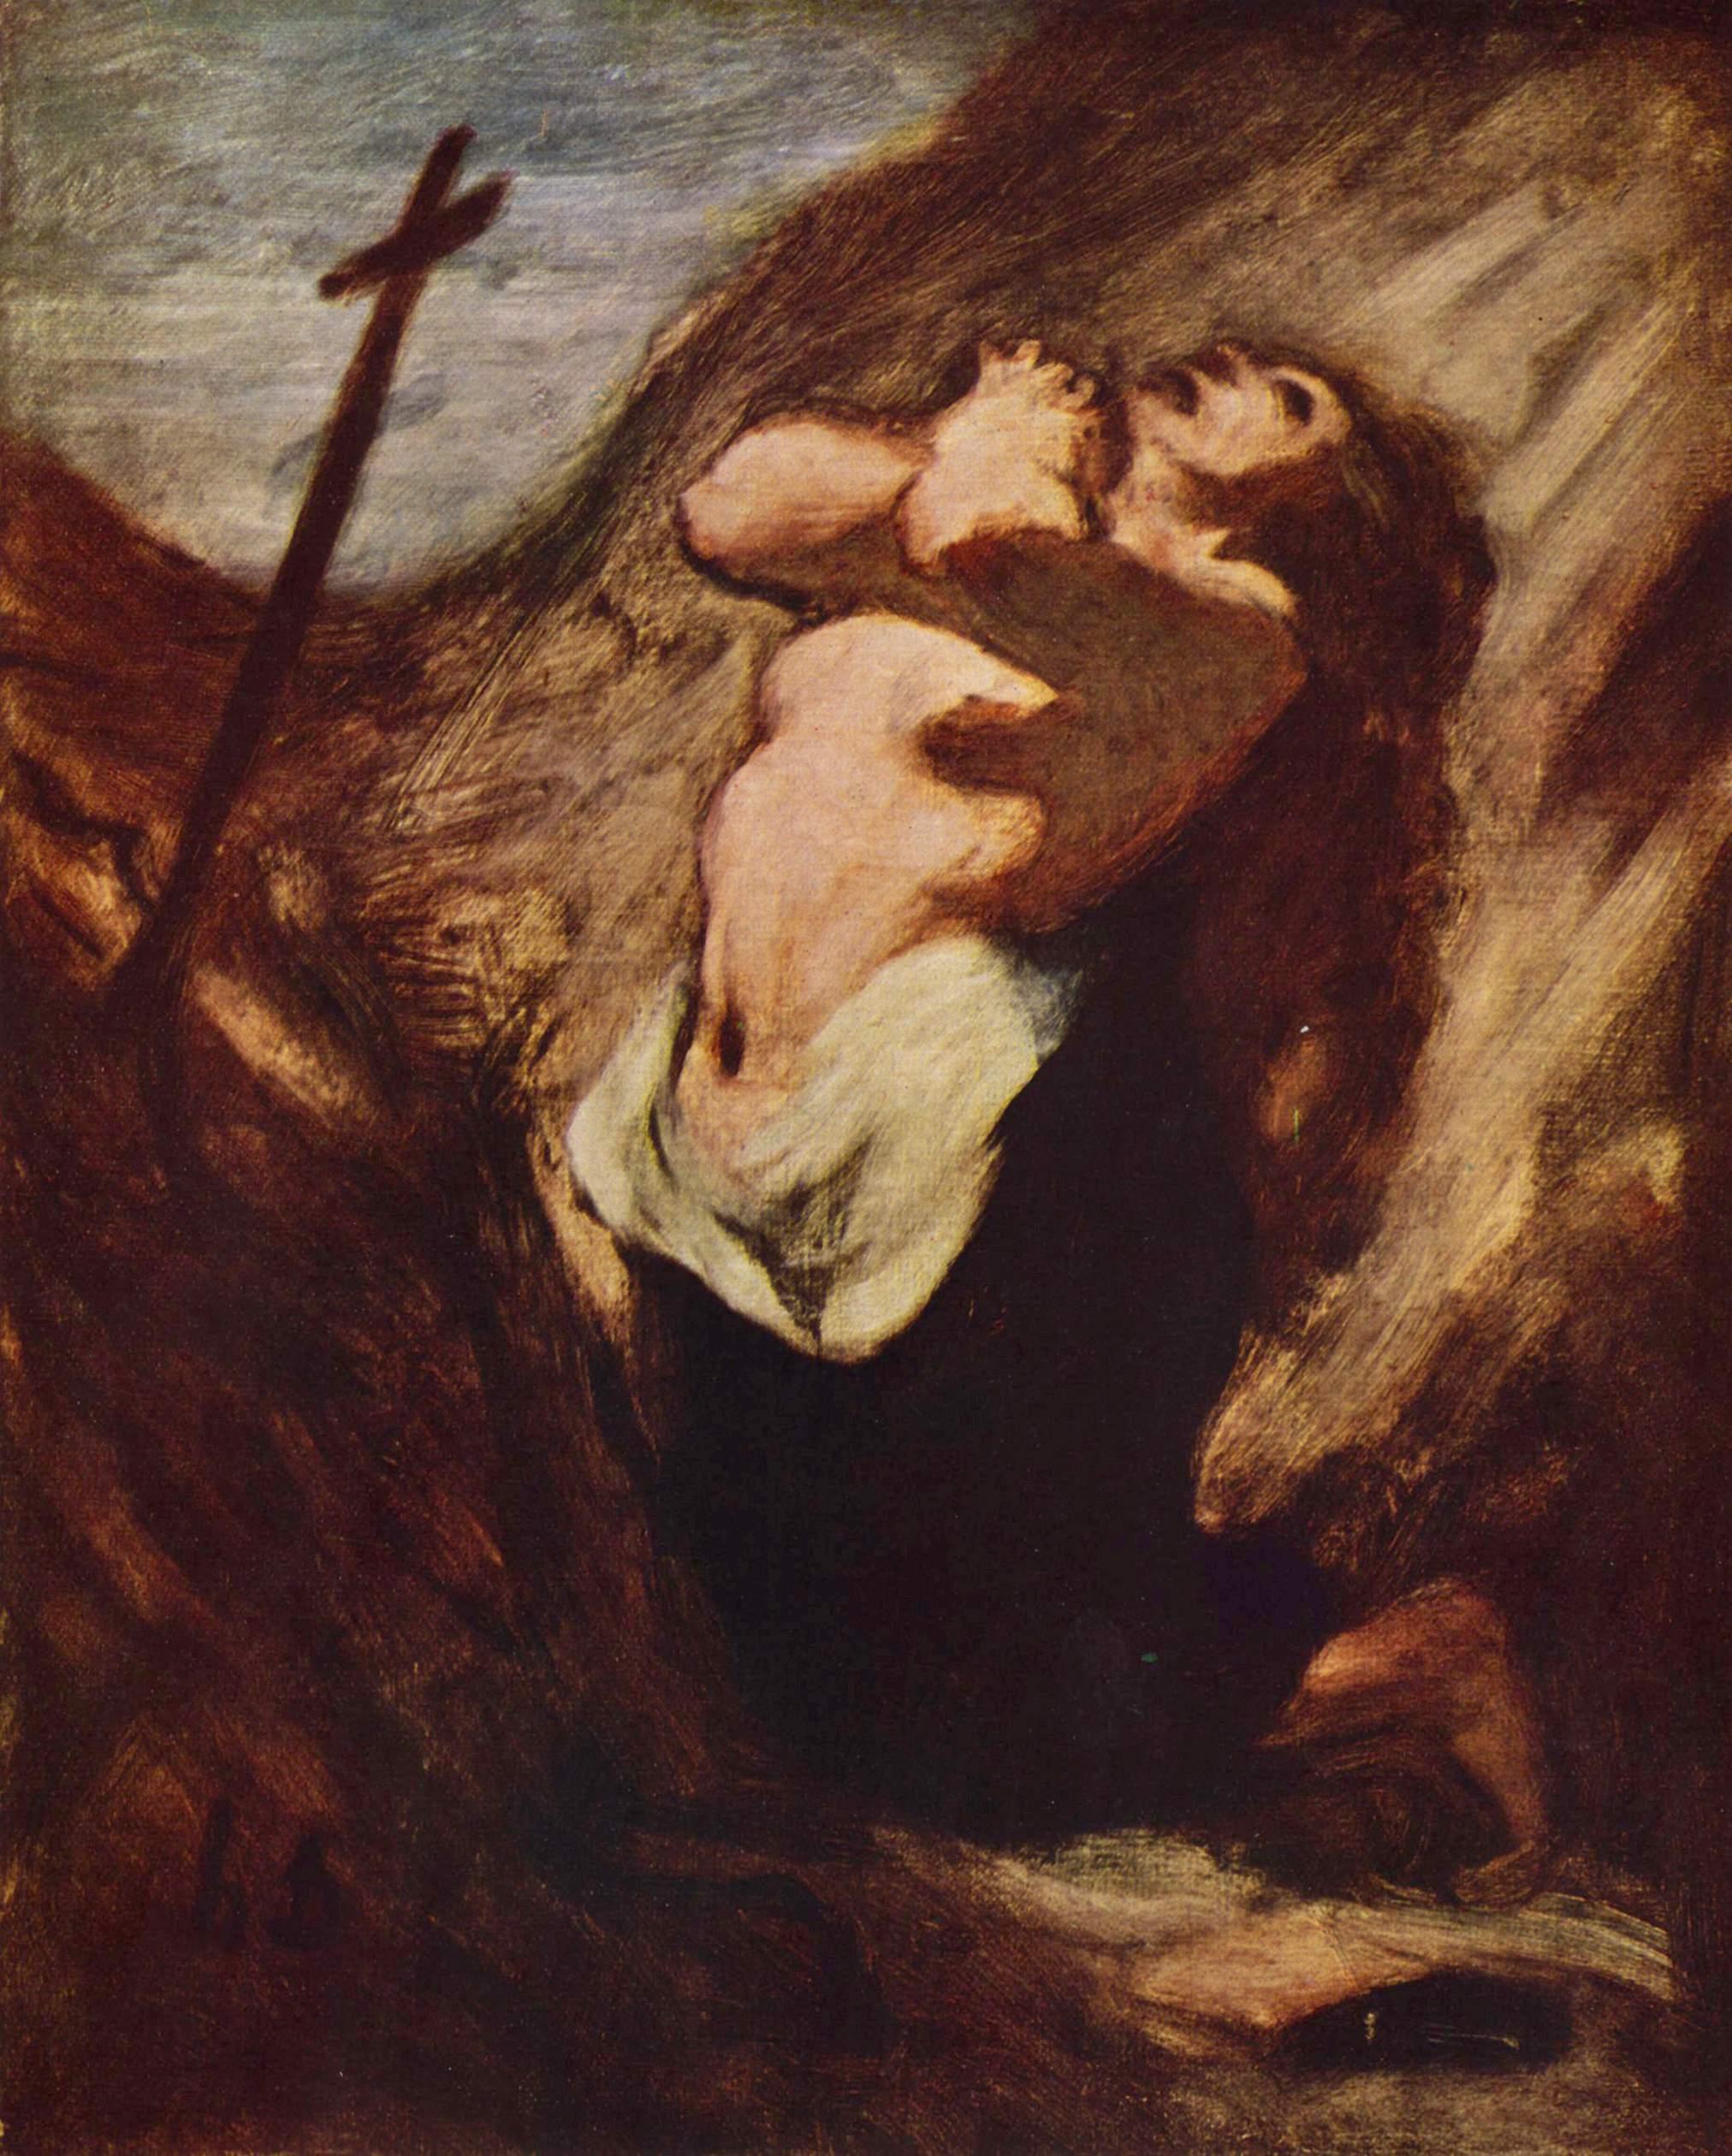 Honoré Daumier - Maria Magdalena   Artelista com